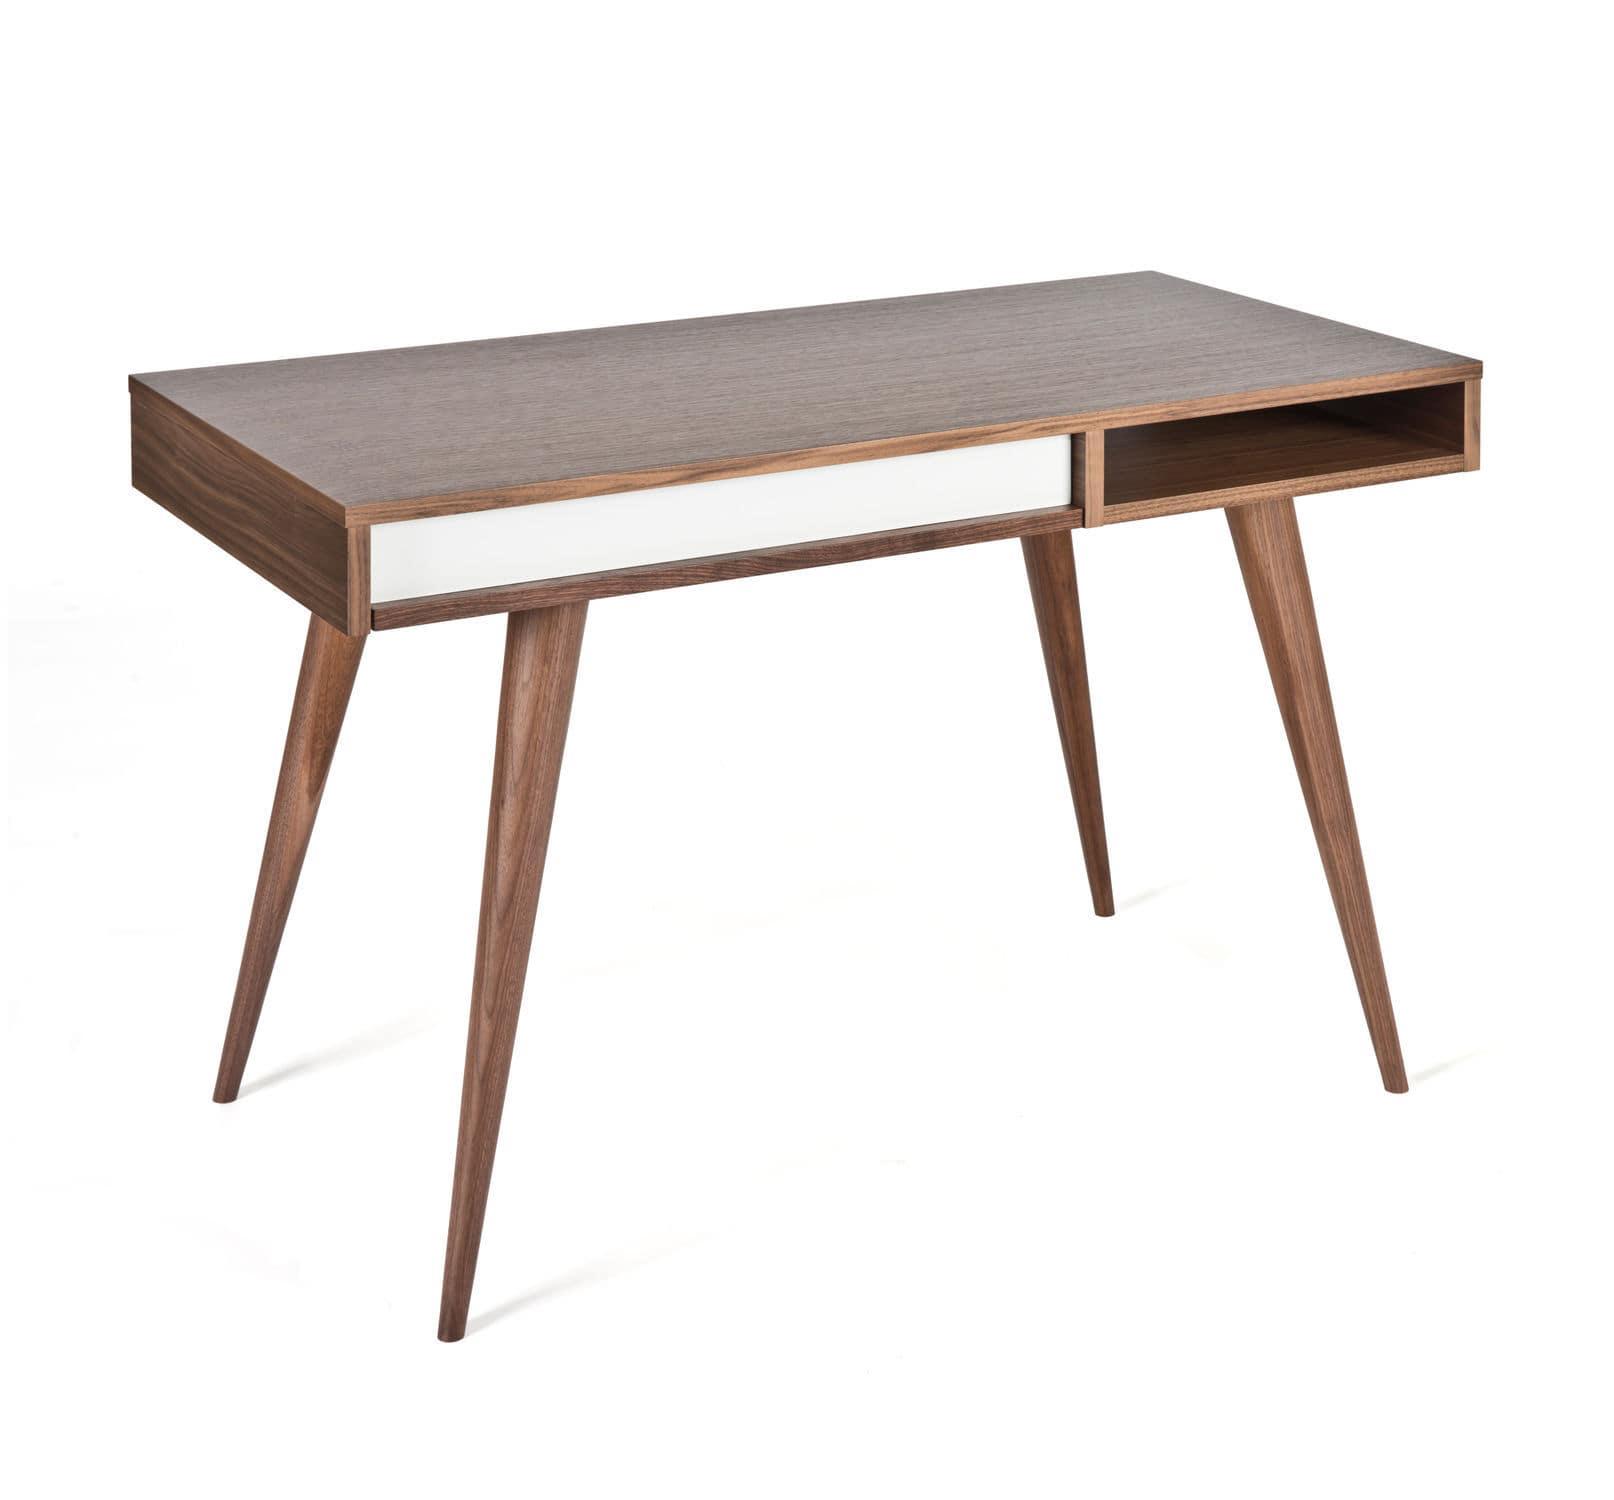 wooden desk  contemporary  with storage  celine by nazanin  -  wooden desk  contemporary  with storage celine by nazanin kamali case